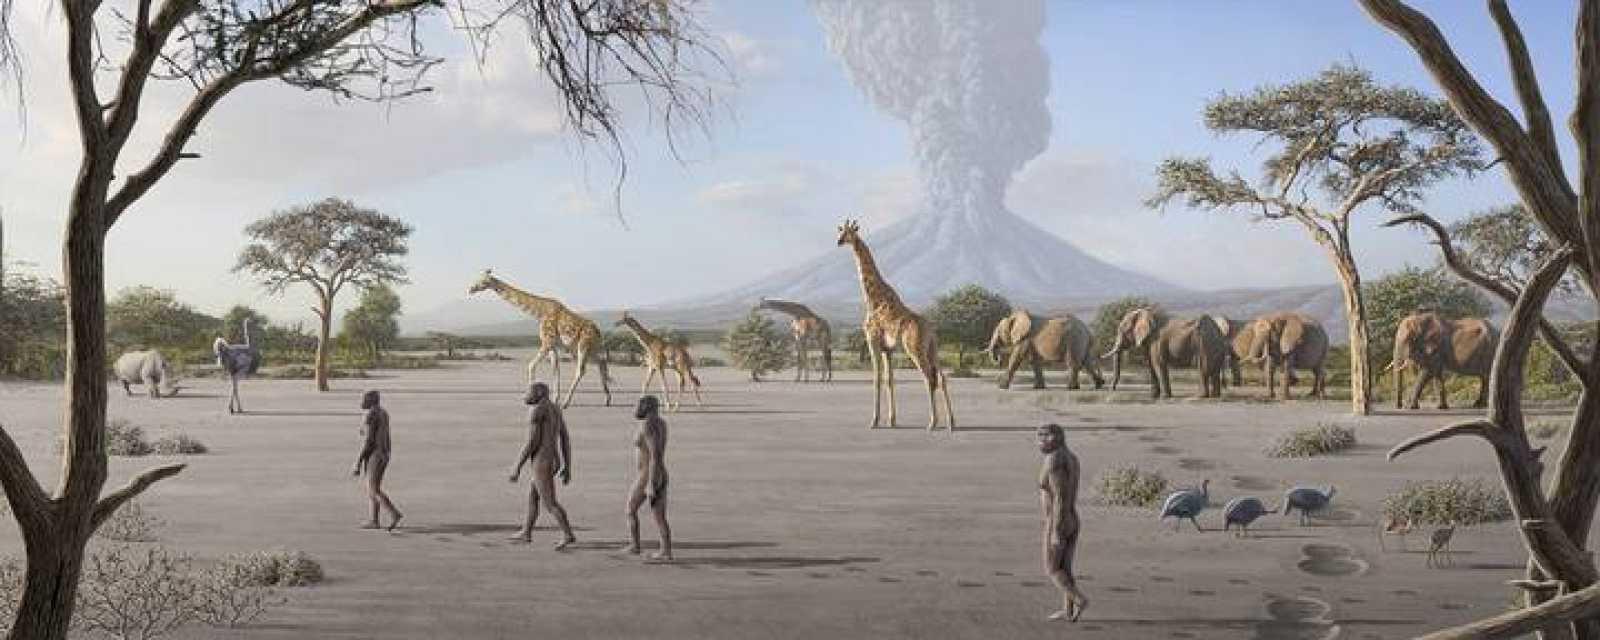 Recreación del momento en el que se producen las pisadas de Laetoli hace más de 3 millones de años.